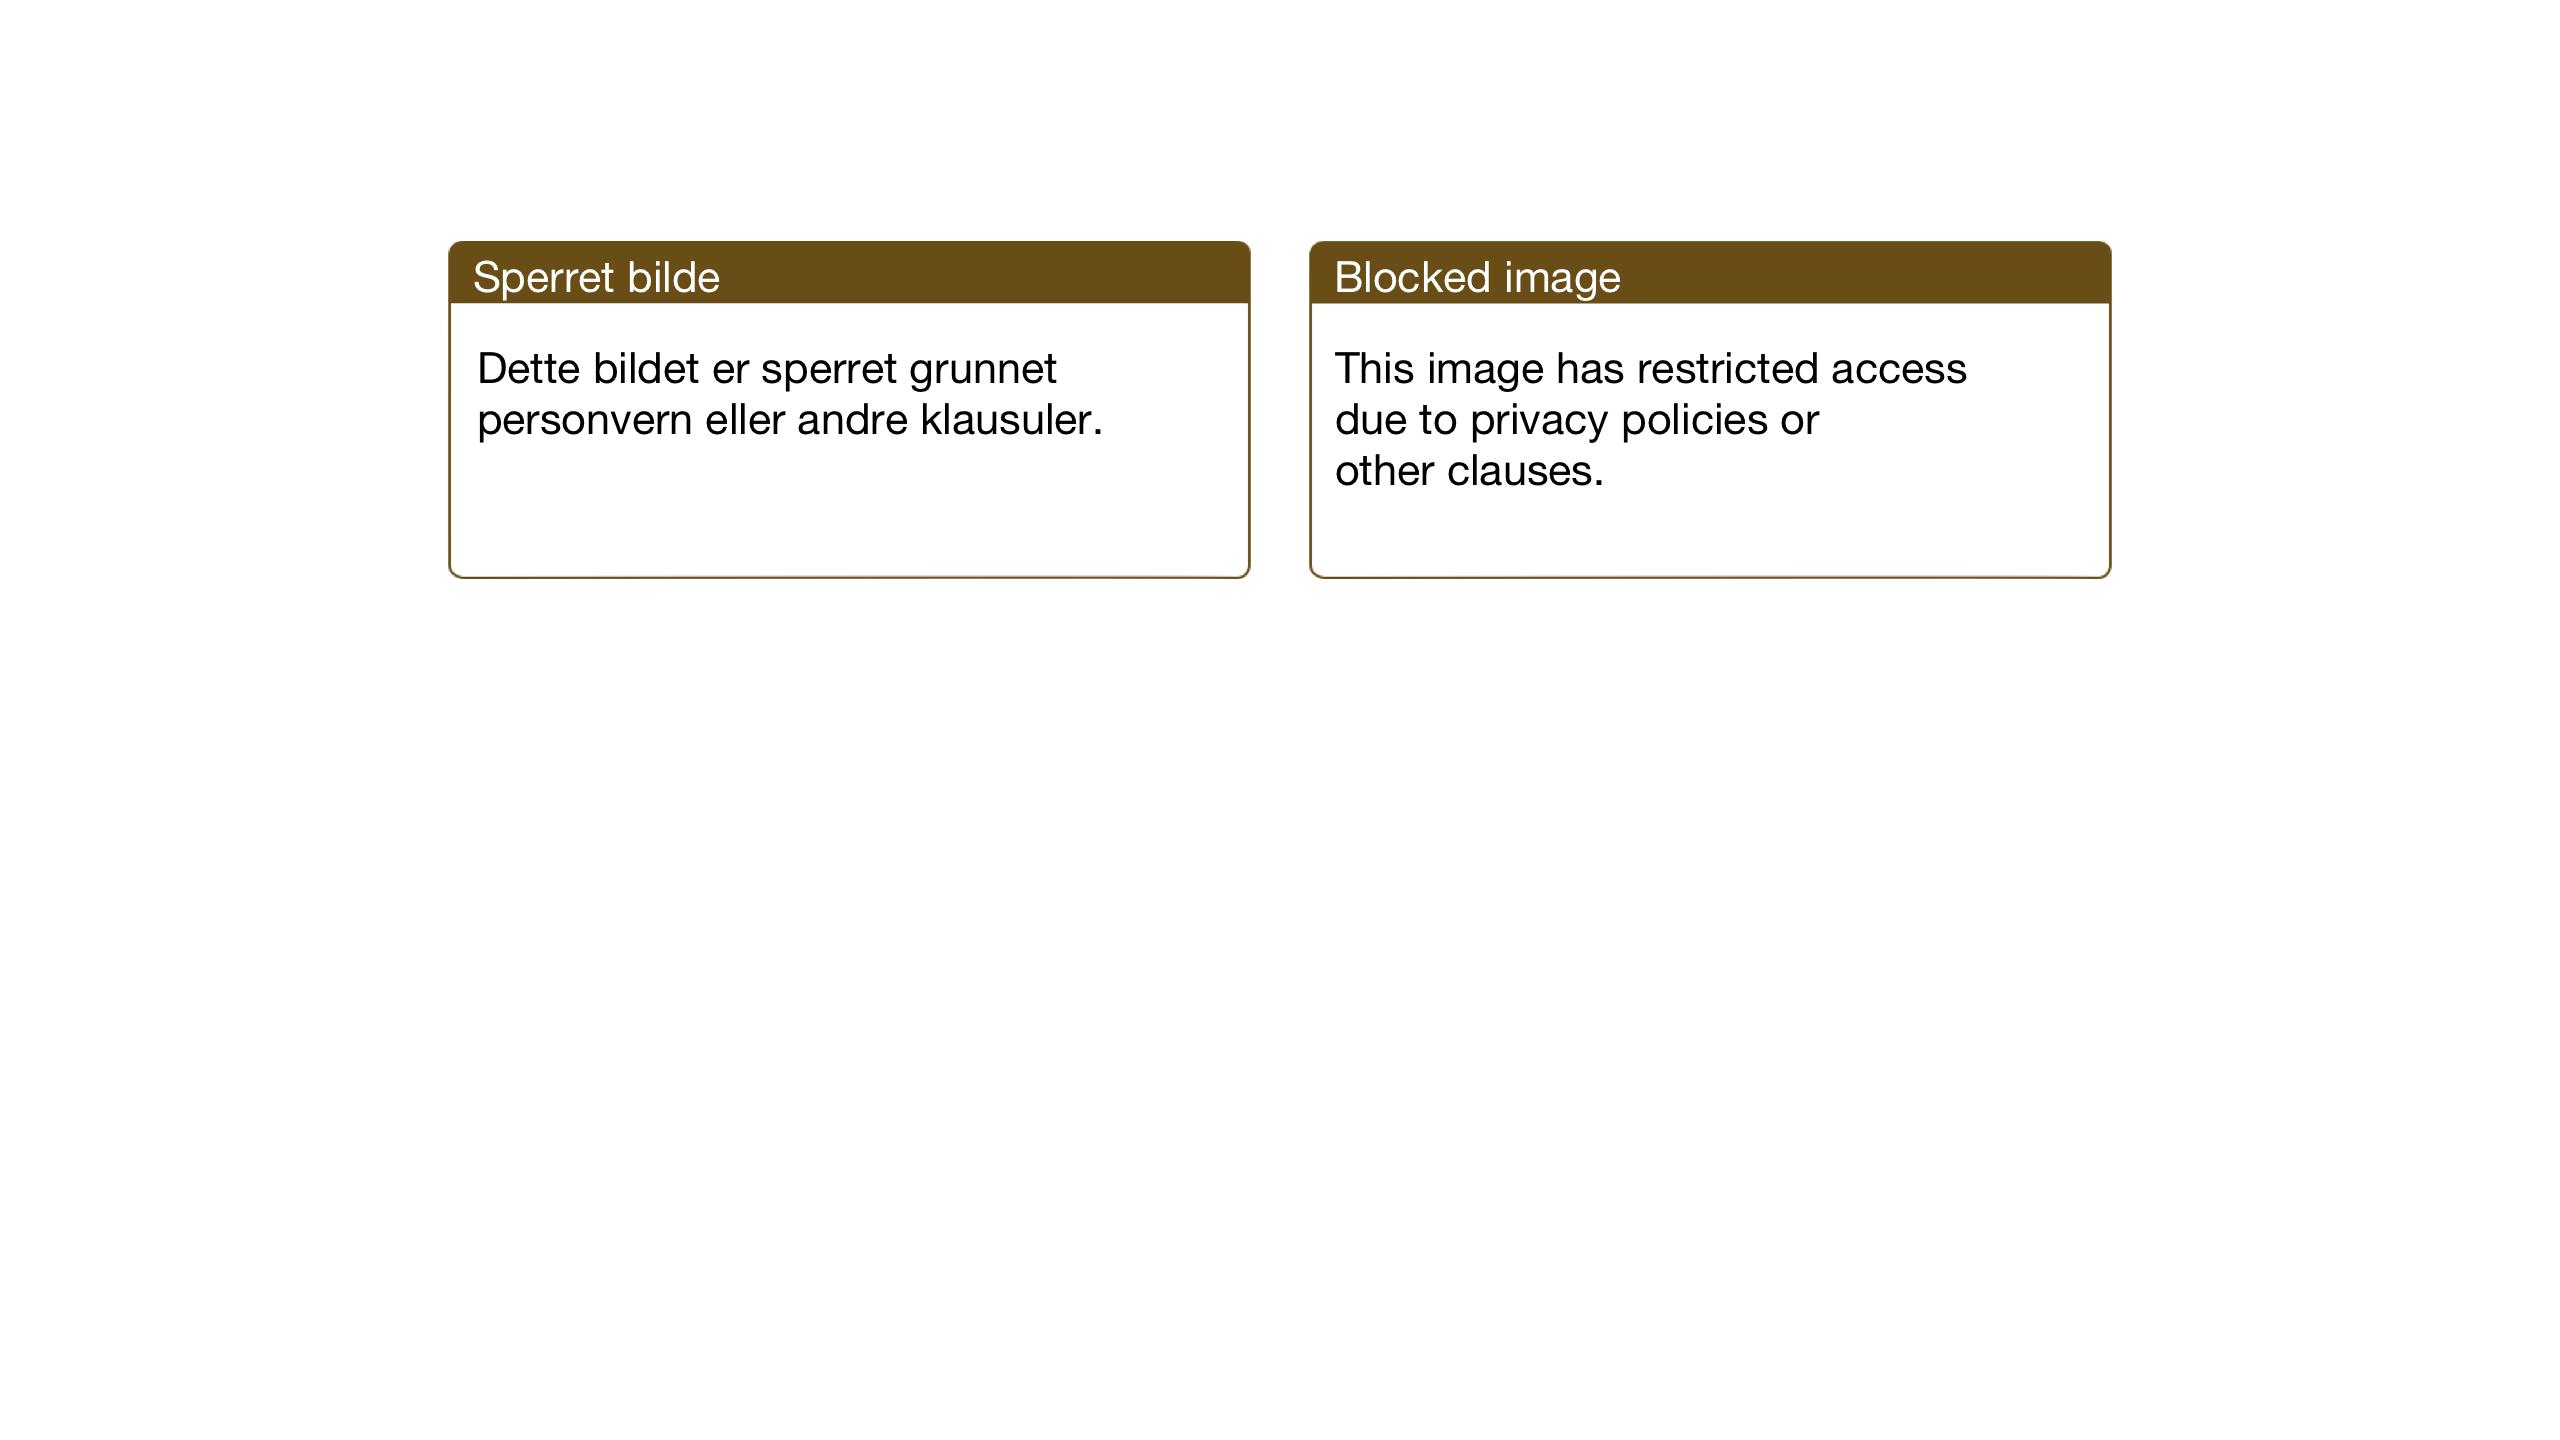 SAT, Ministerialprotokoller, klokkerbøker og fødselsregistre - Nord-Trøndelag, 739/L0377: Klokkerbok nr. 739C05, 1940-1947, s. 23